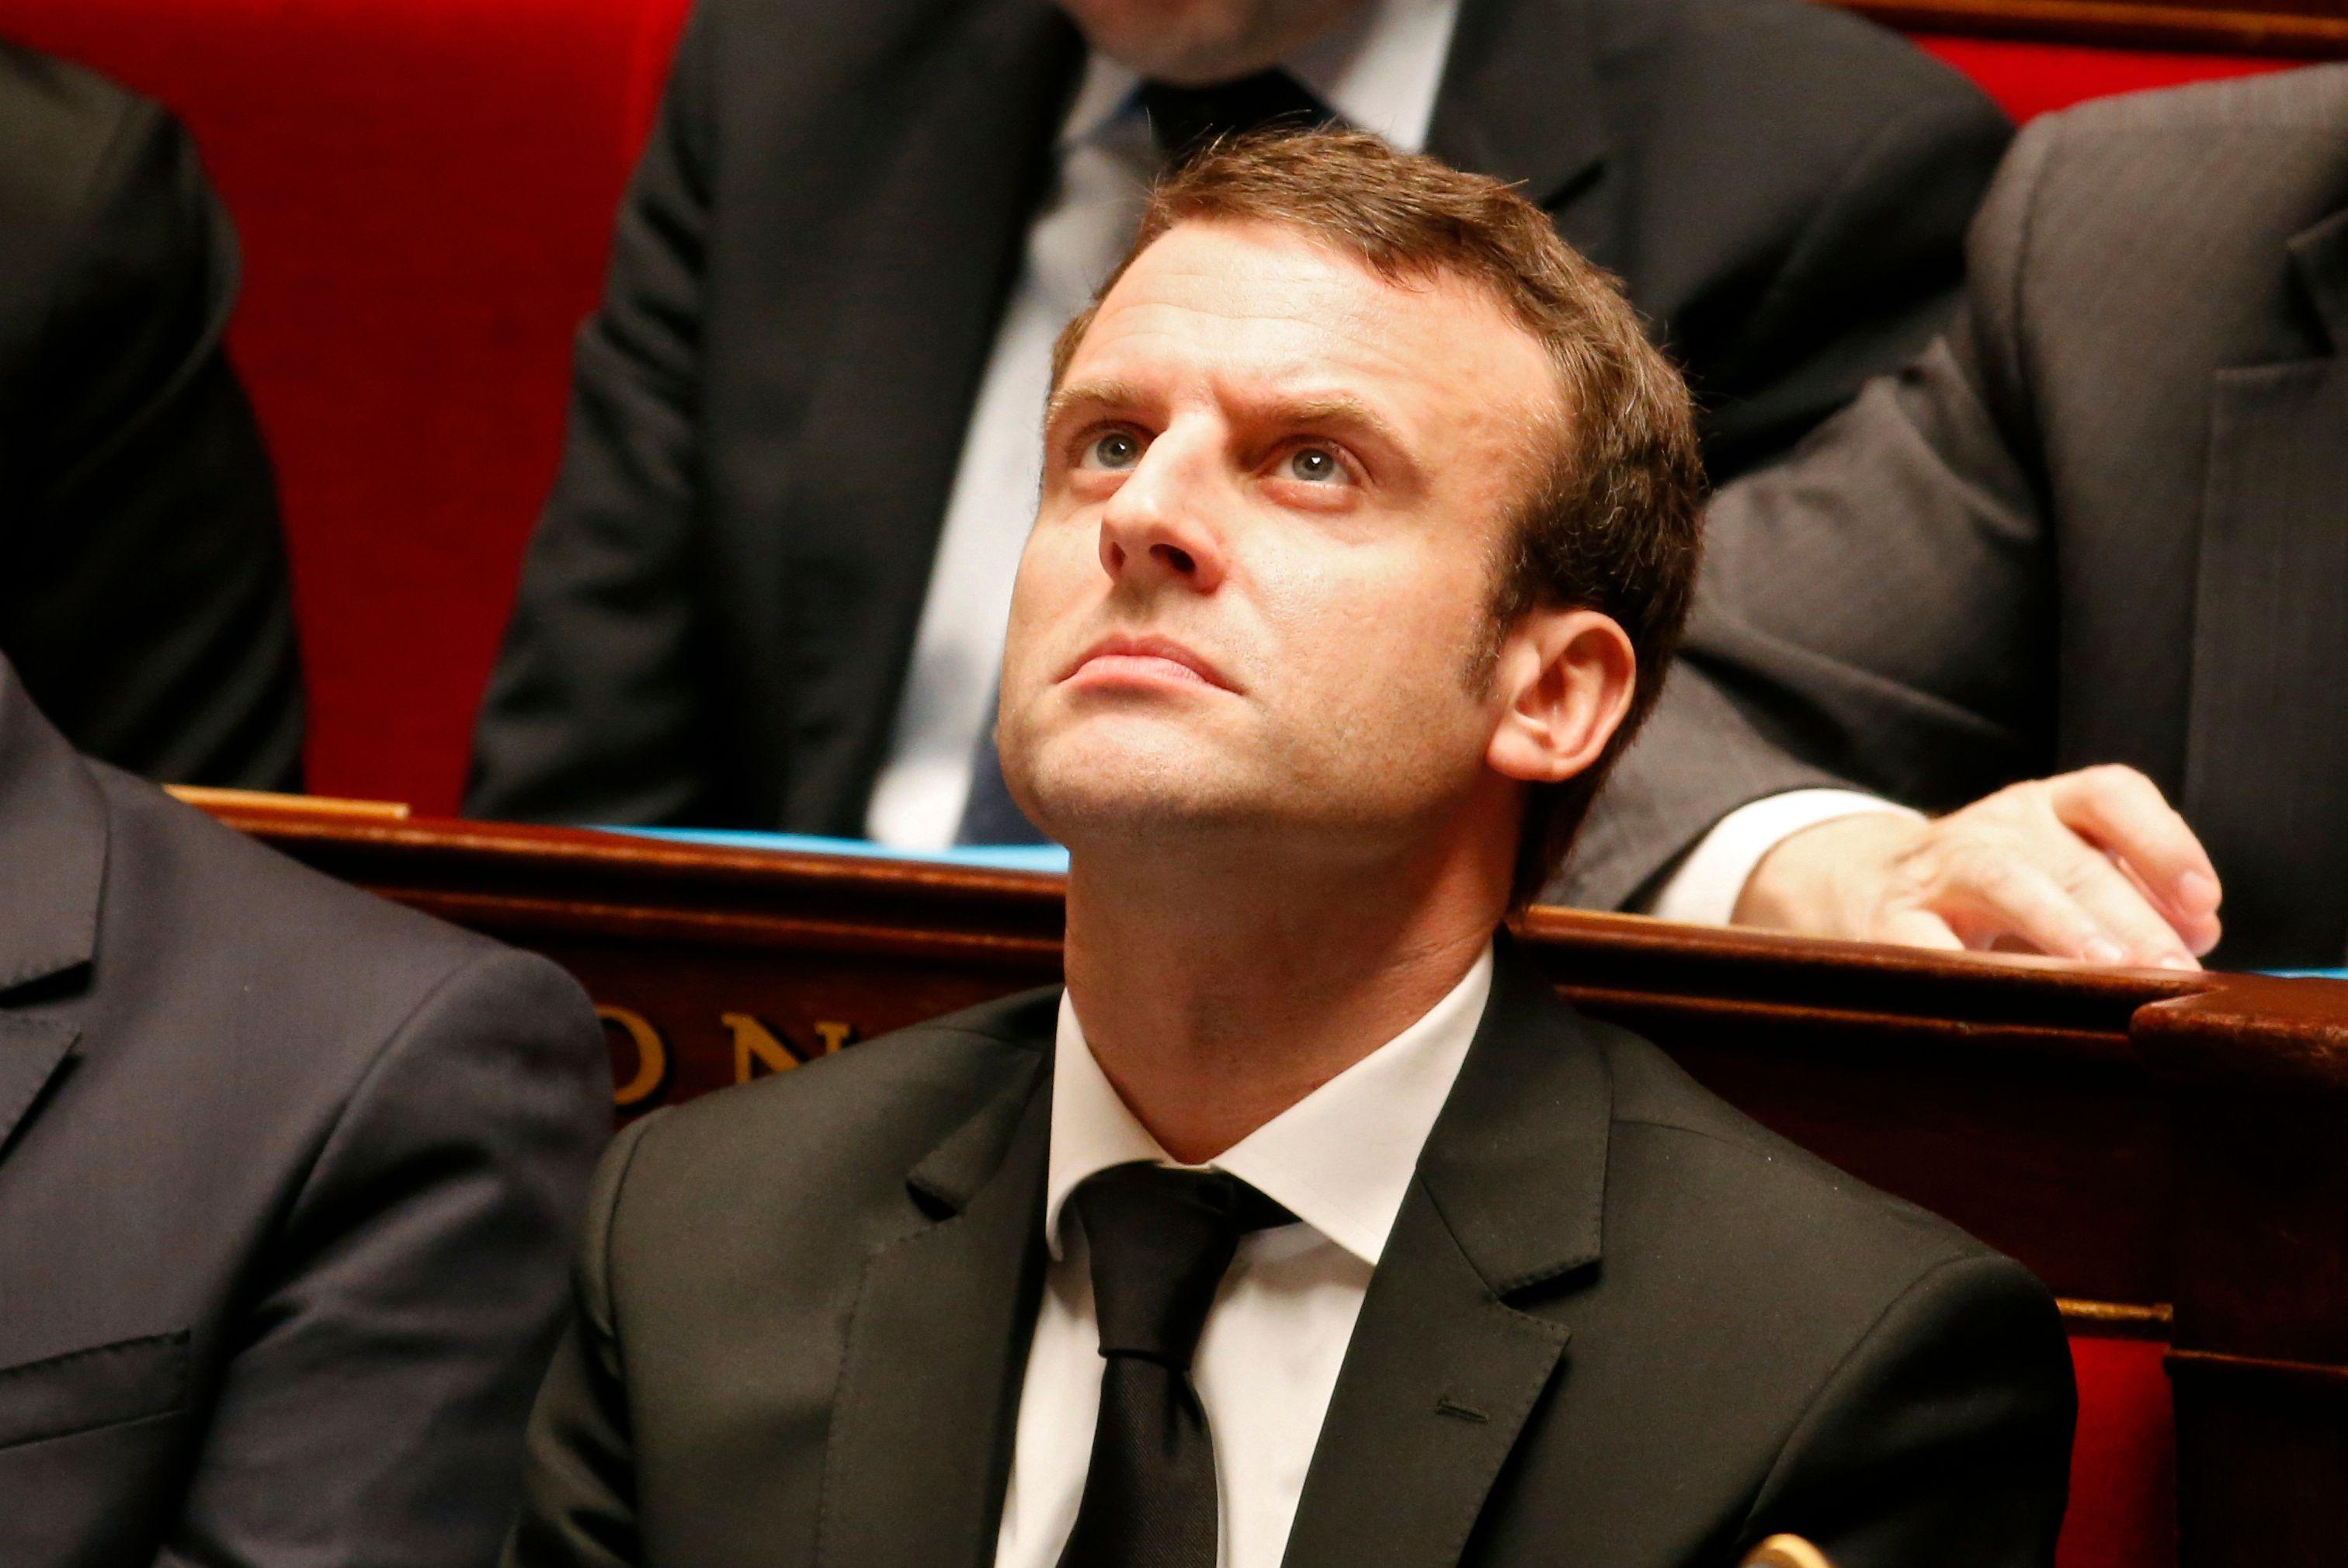 Les chiffres du chômage pour le mois de décembre en France sont dévoilés aujourd'hui.